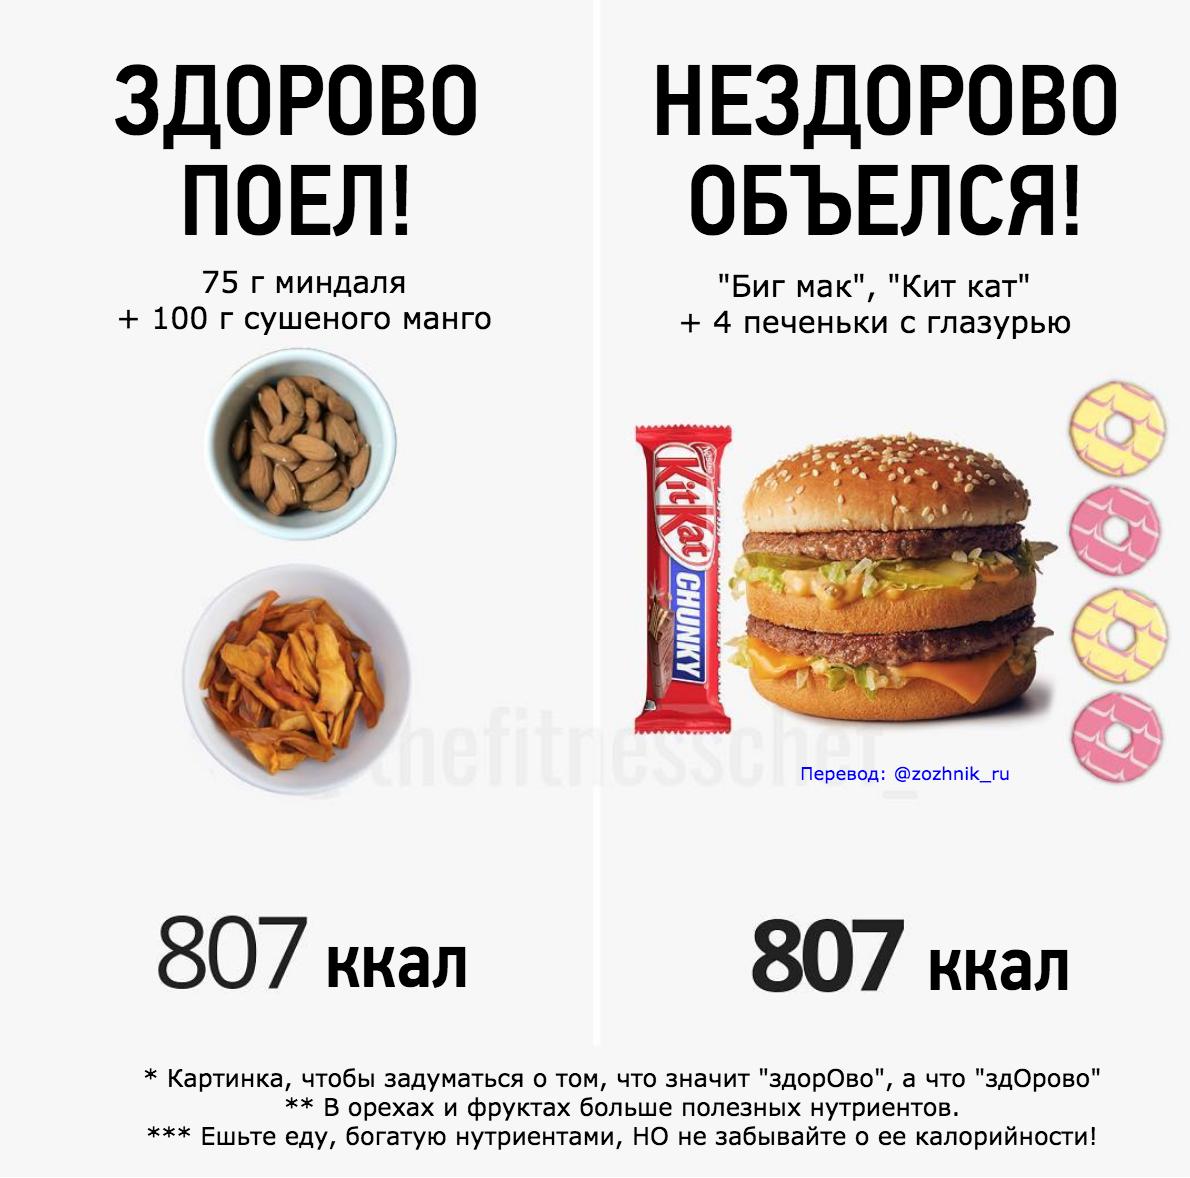 В каких продуктах содержится много калорий, сколько ккал выделяют при расщеплении белки, углеводы и жиры, почему опасен их избыток?